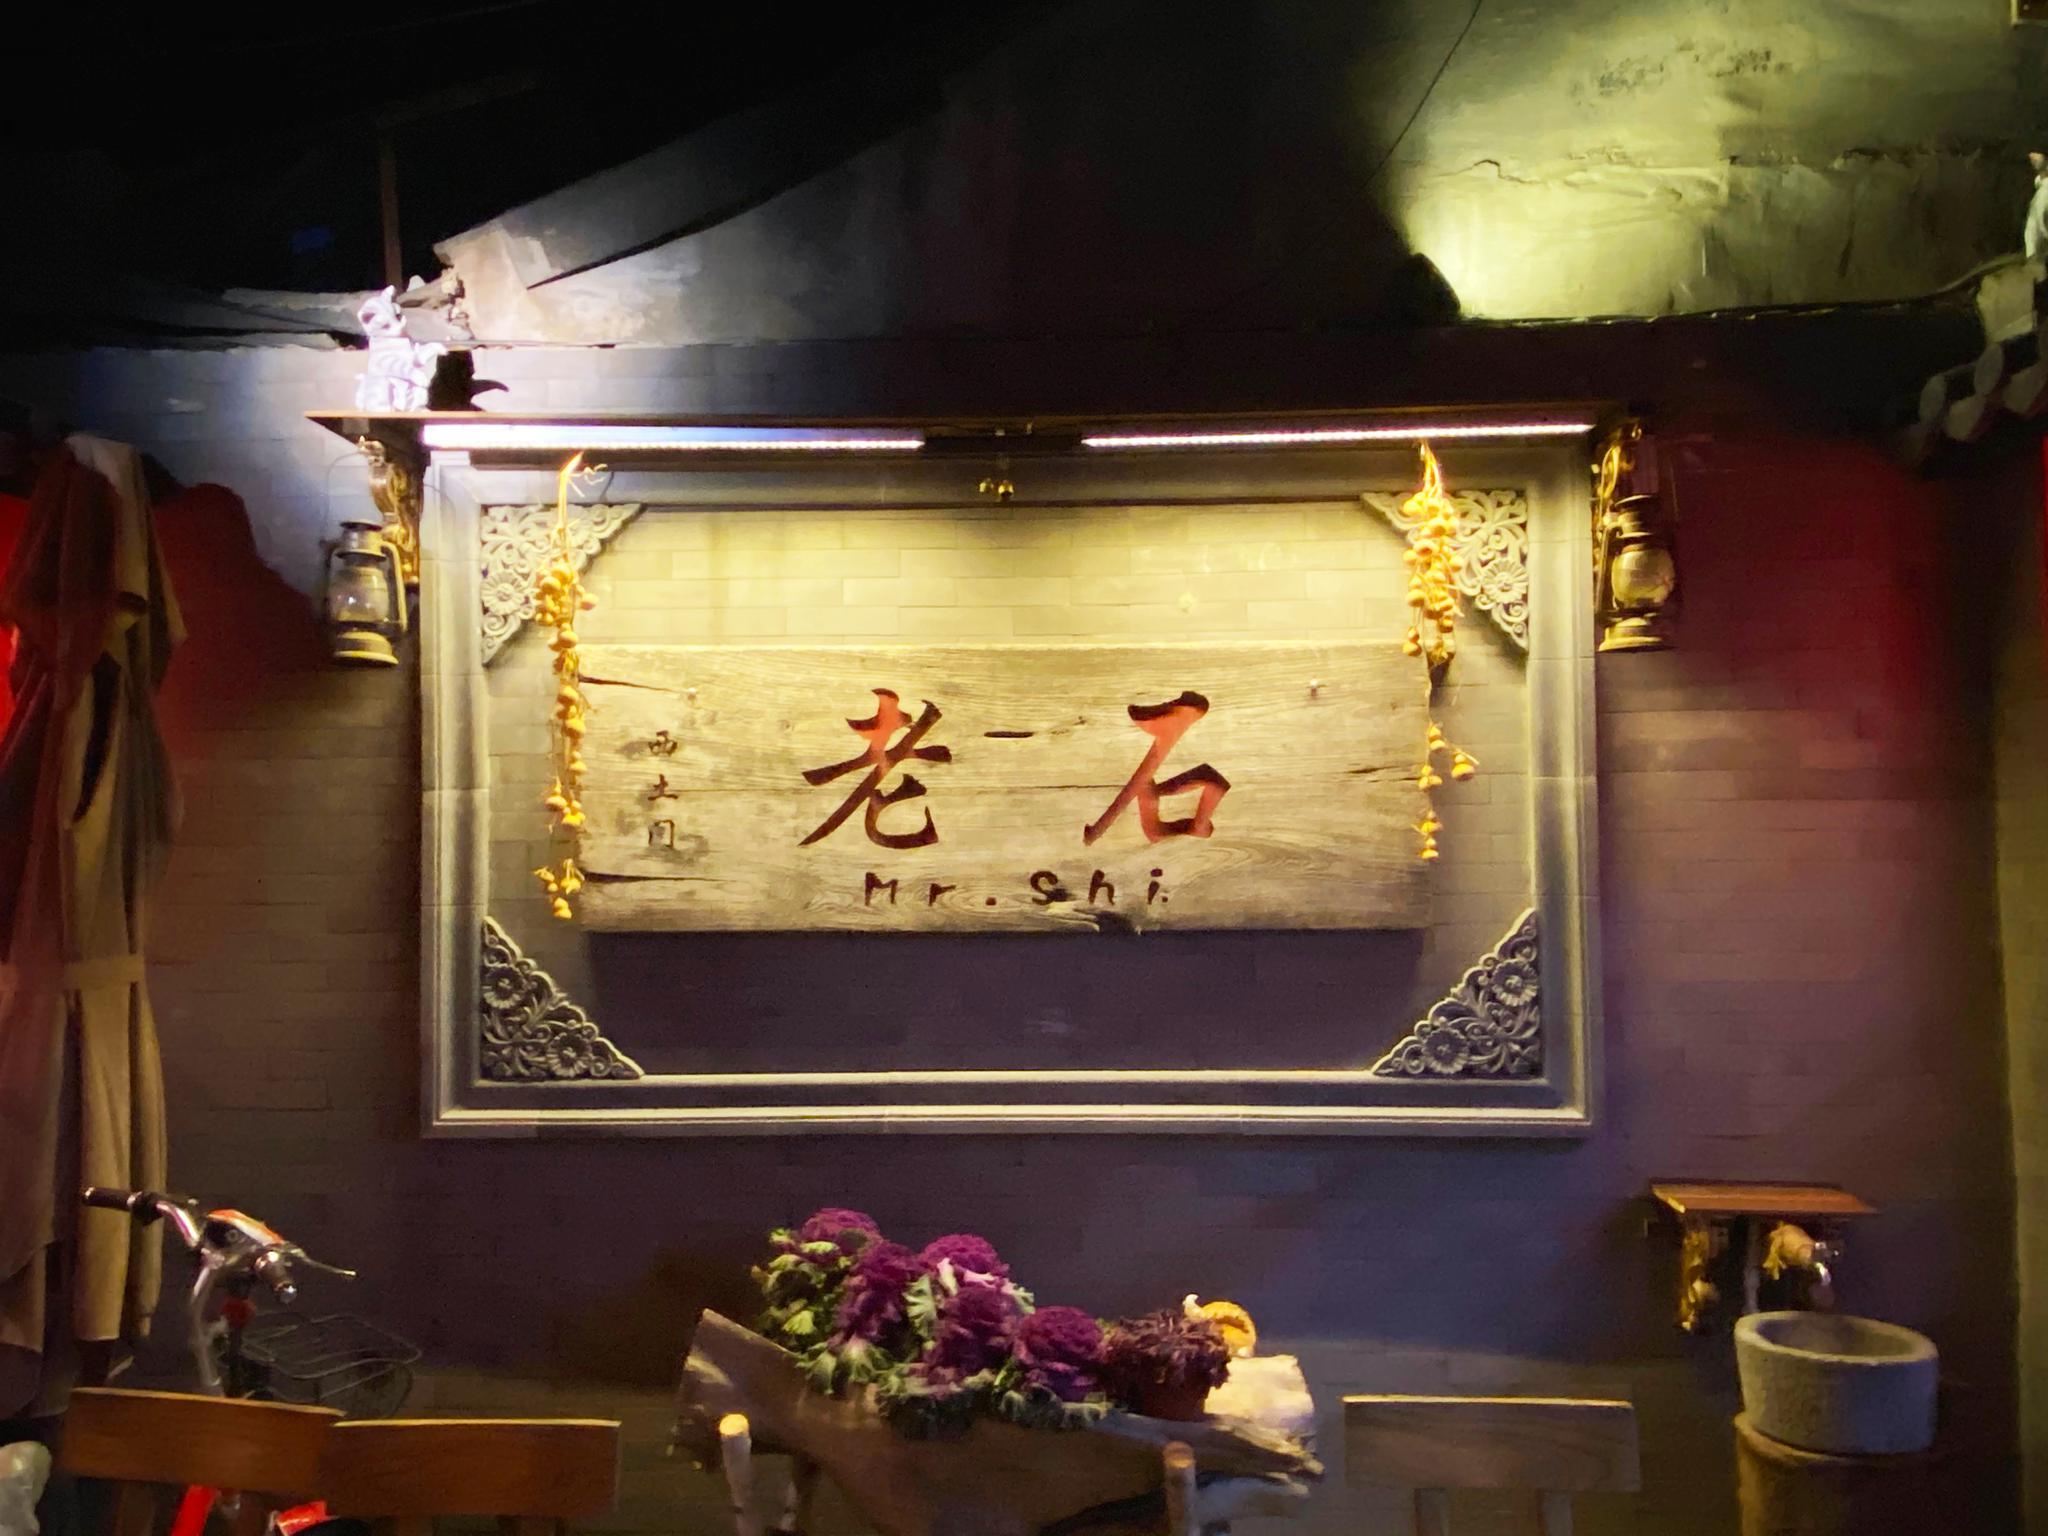 饺子6块钱一只,鼓楼这家饺子馆味道很新奇│福利图片